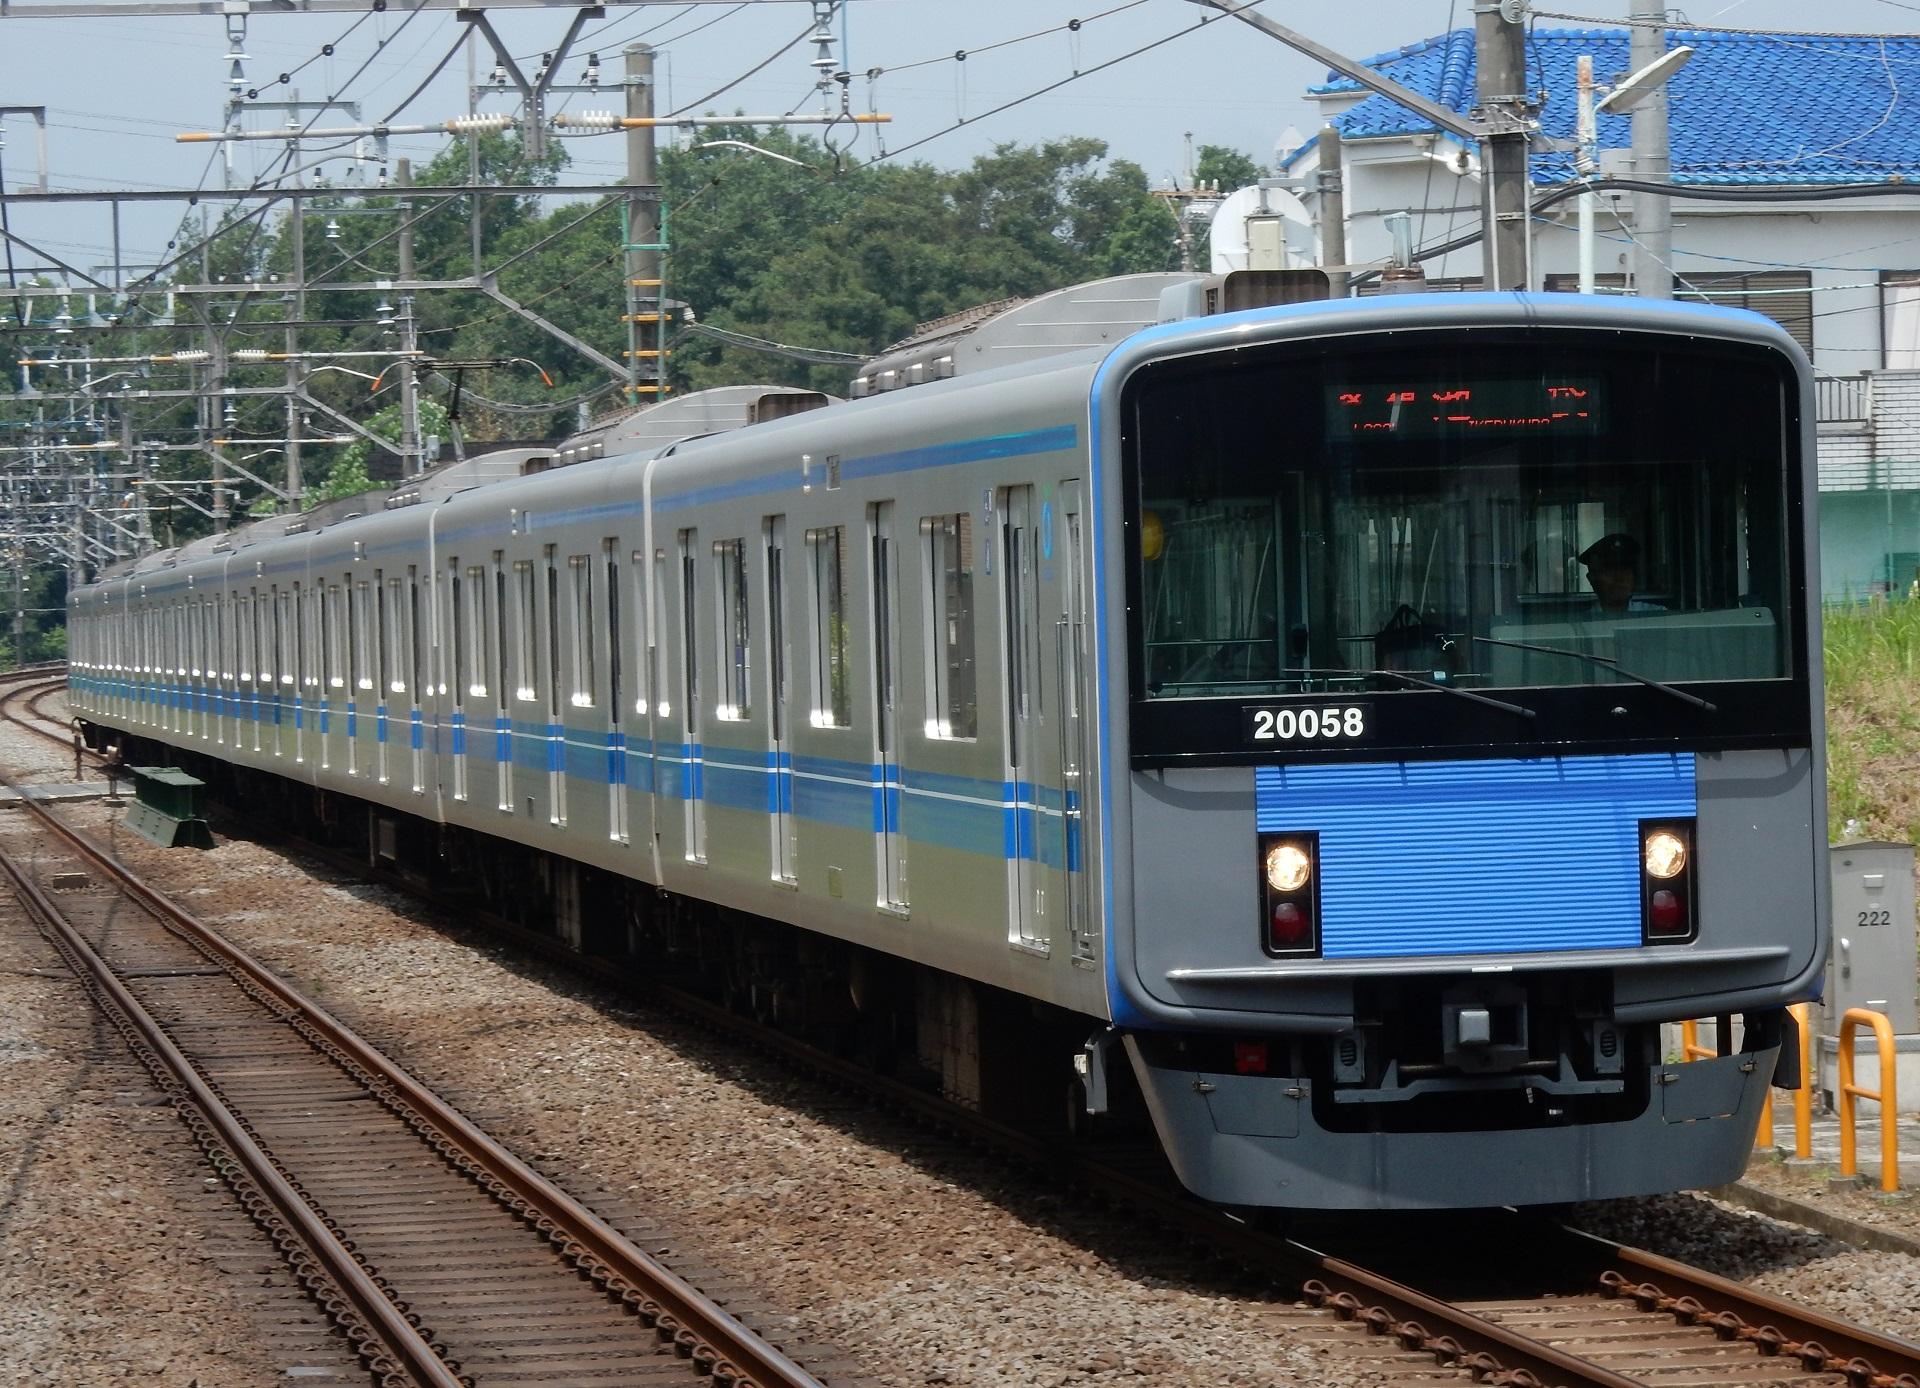 DSCN3268 - コピー